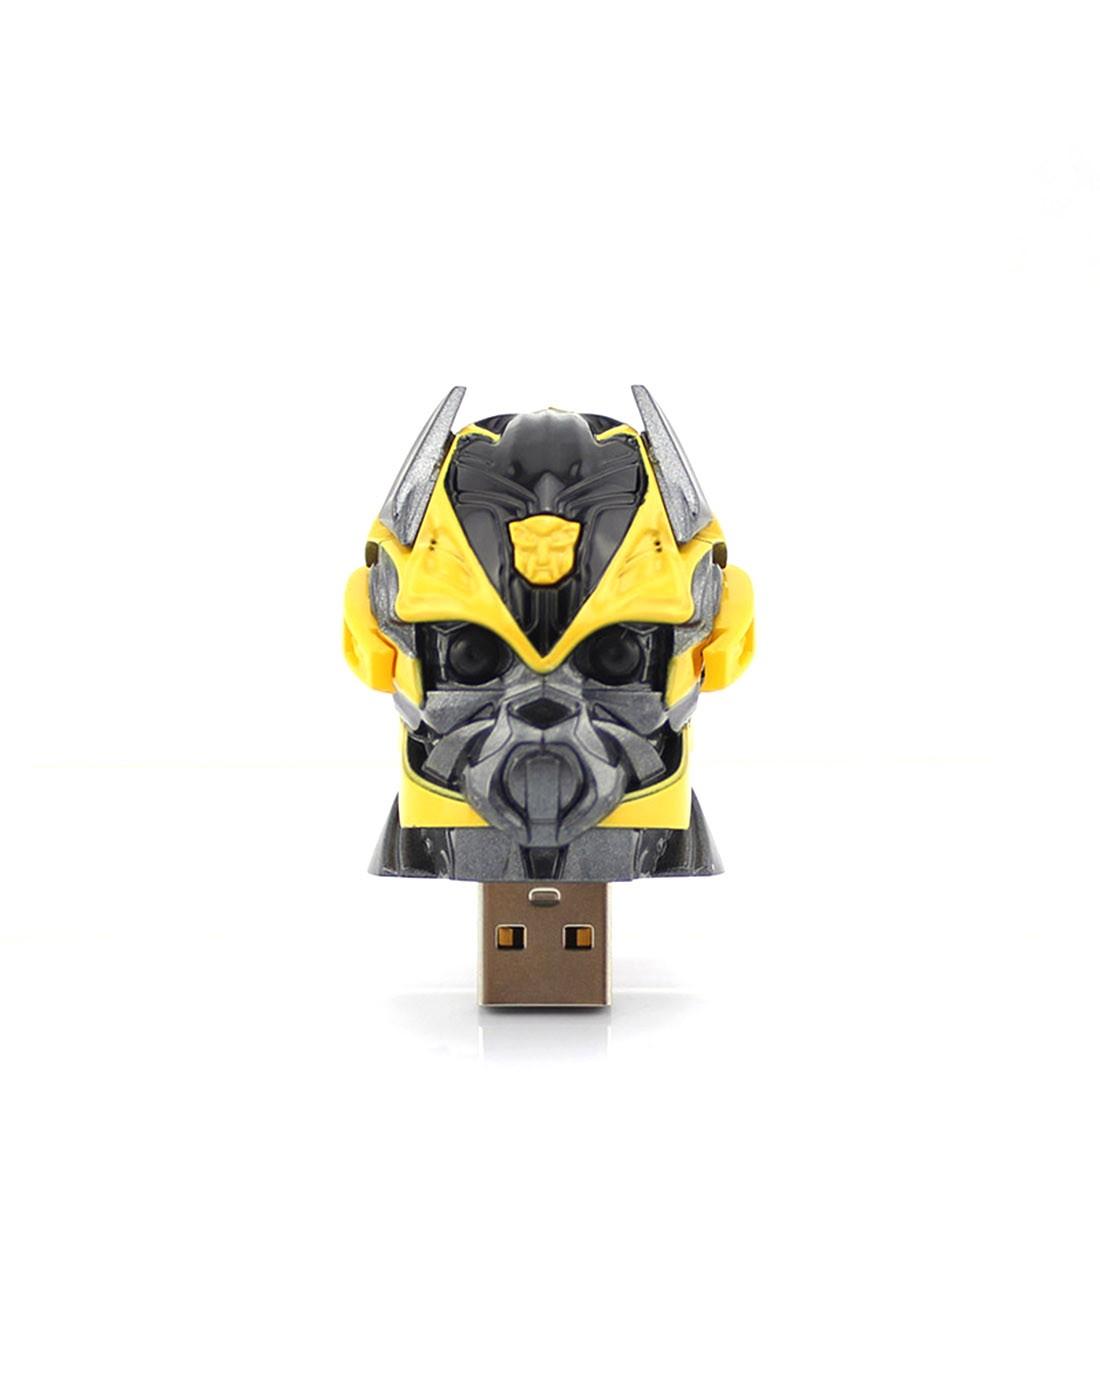 卡通数码配件专场变形金刚大黄蜂头盔优盘8g变形金刚